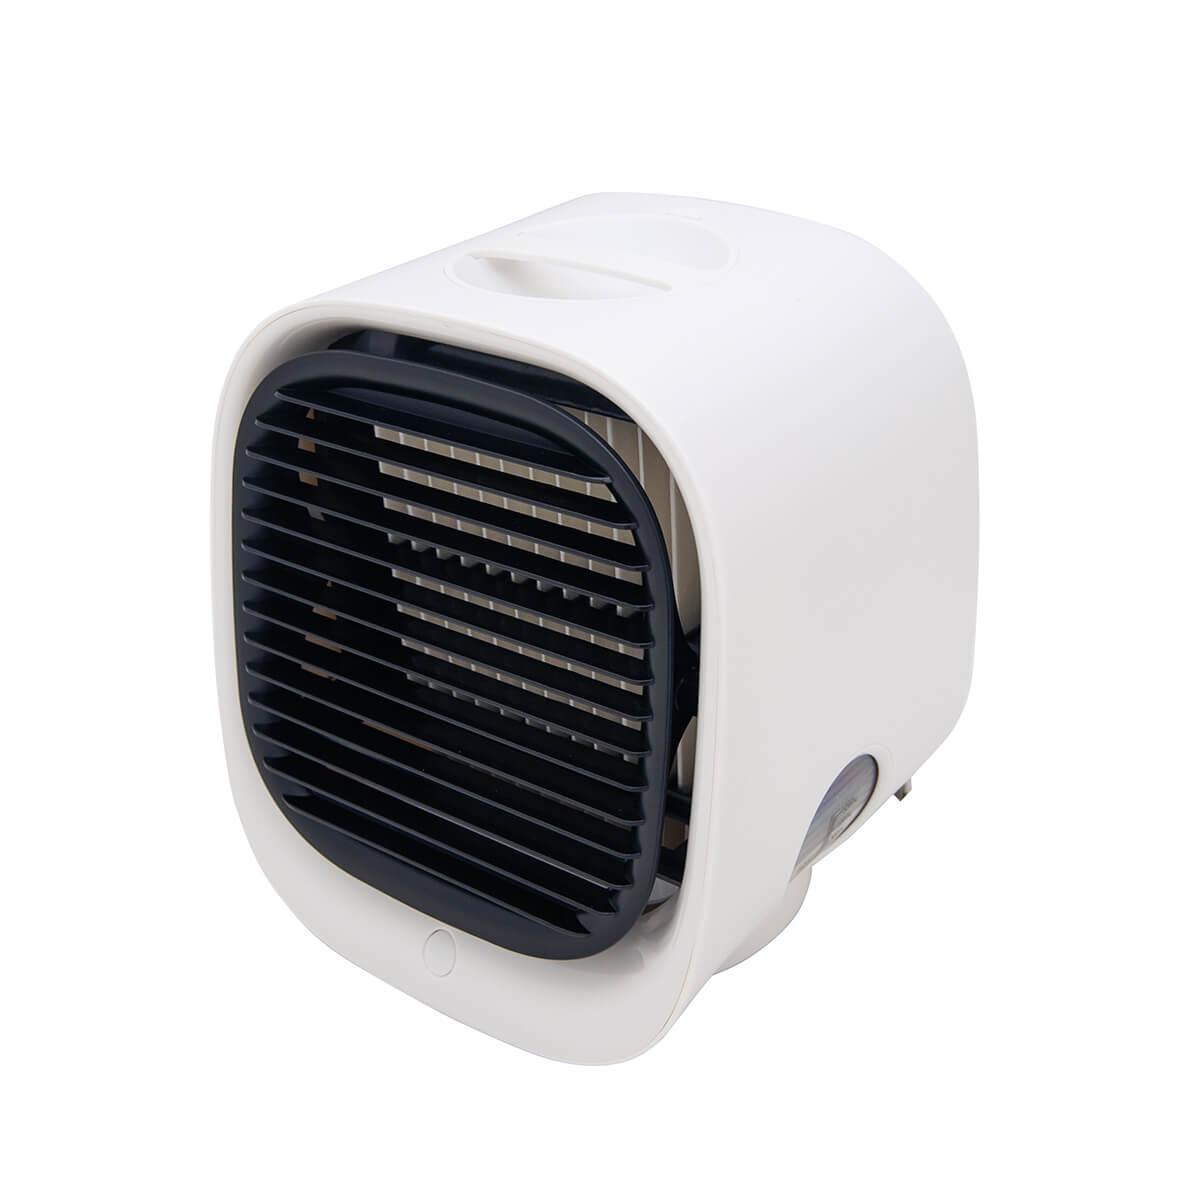 Мини кондиционер Air Cooler MAX с LED подсветкой - 2